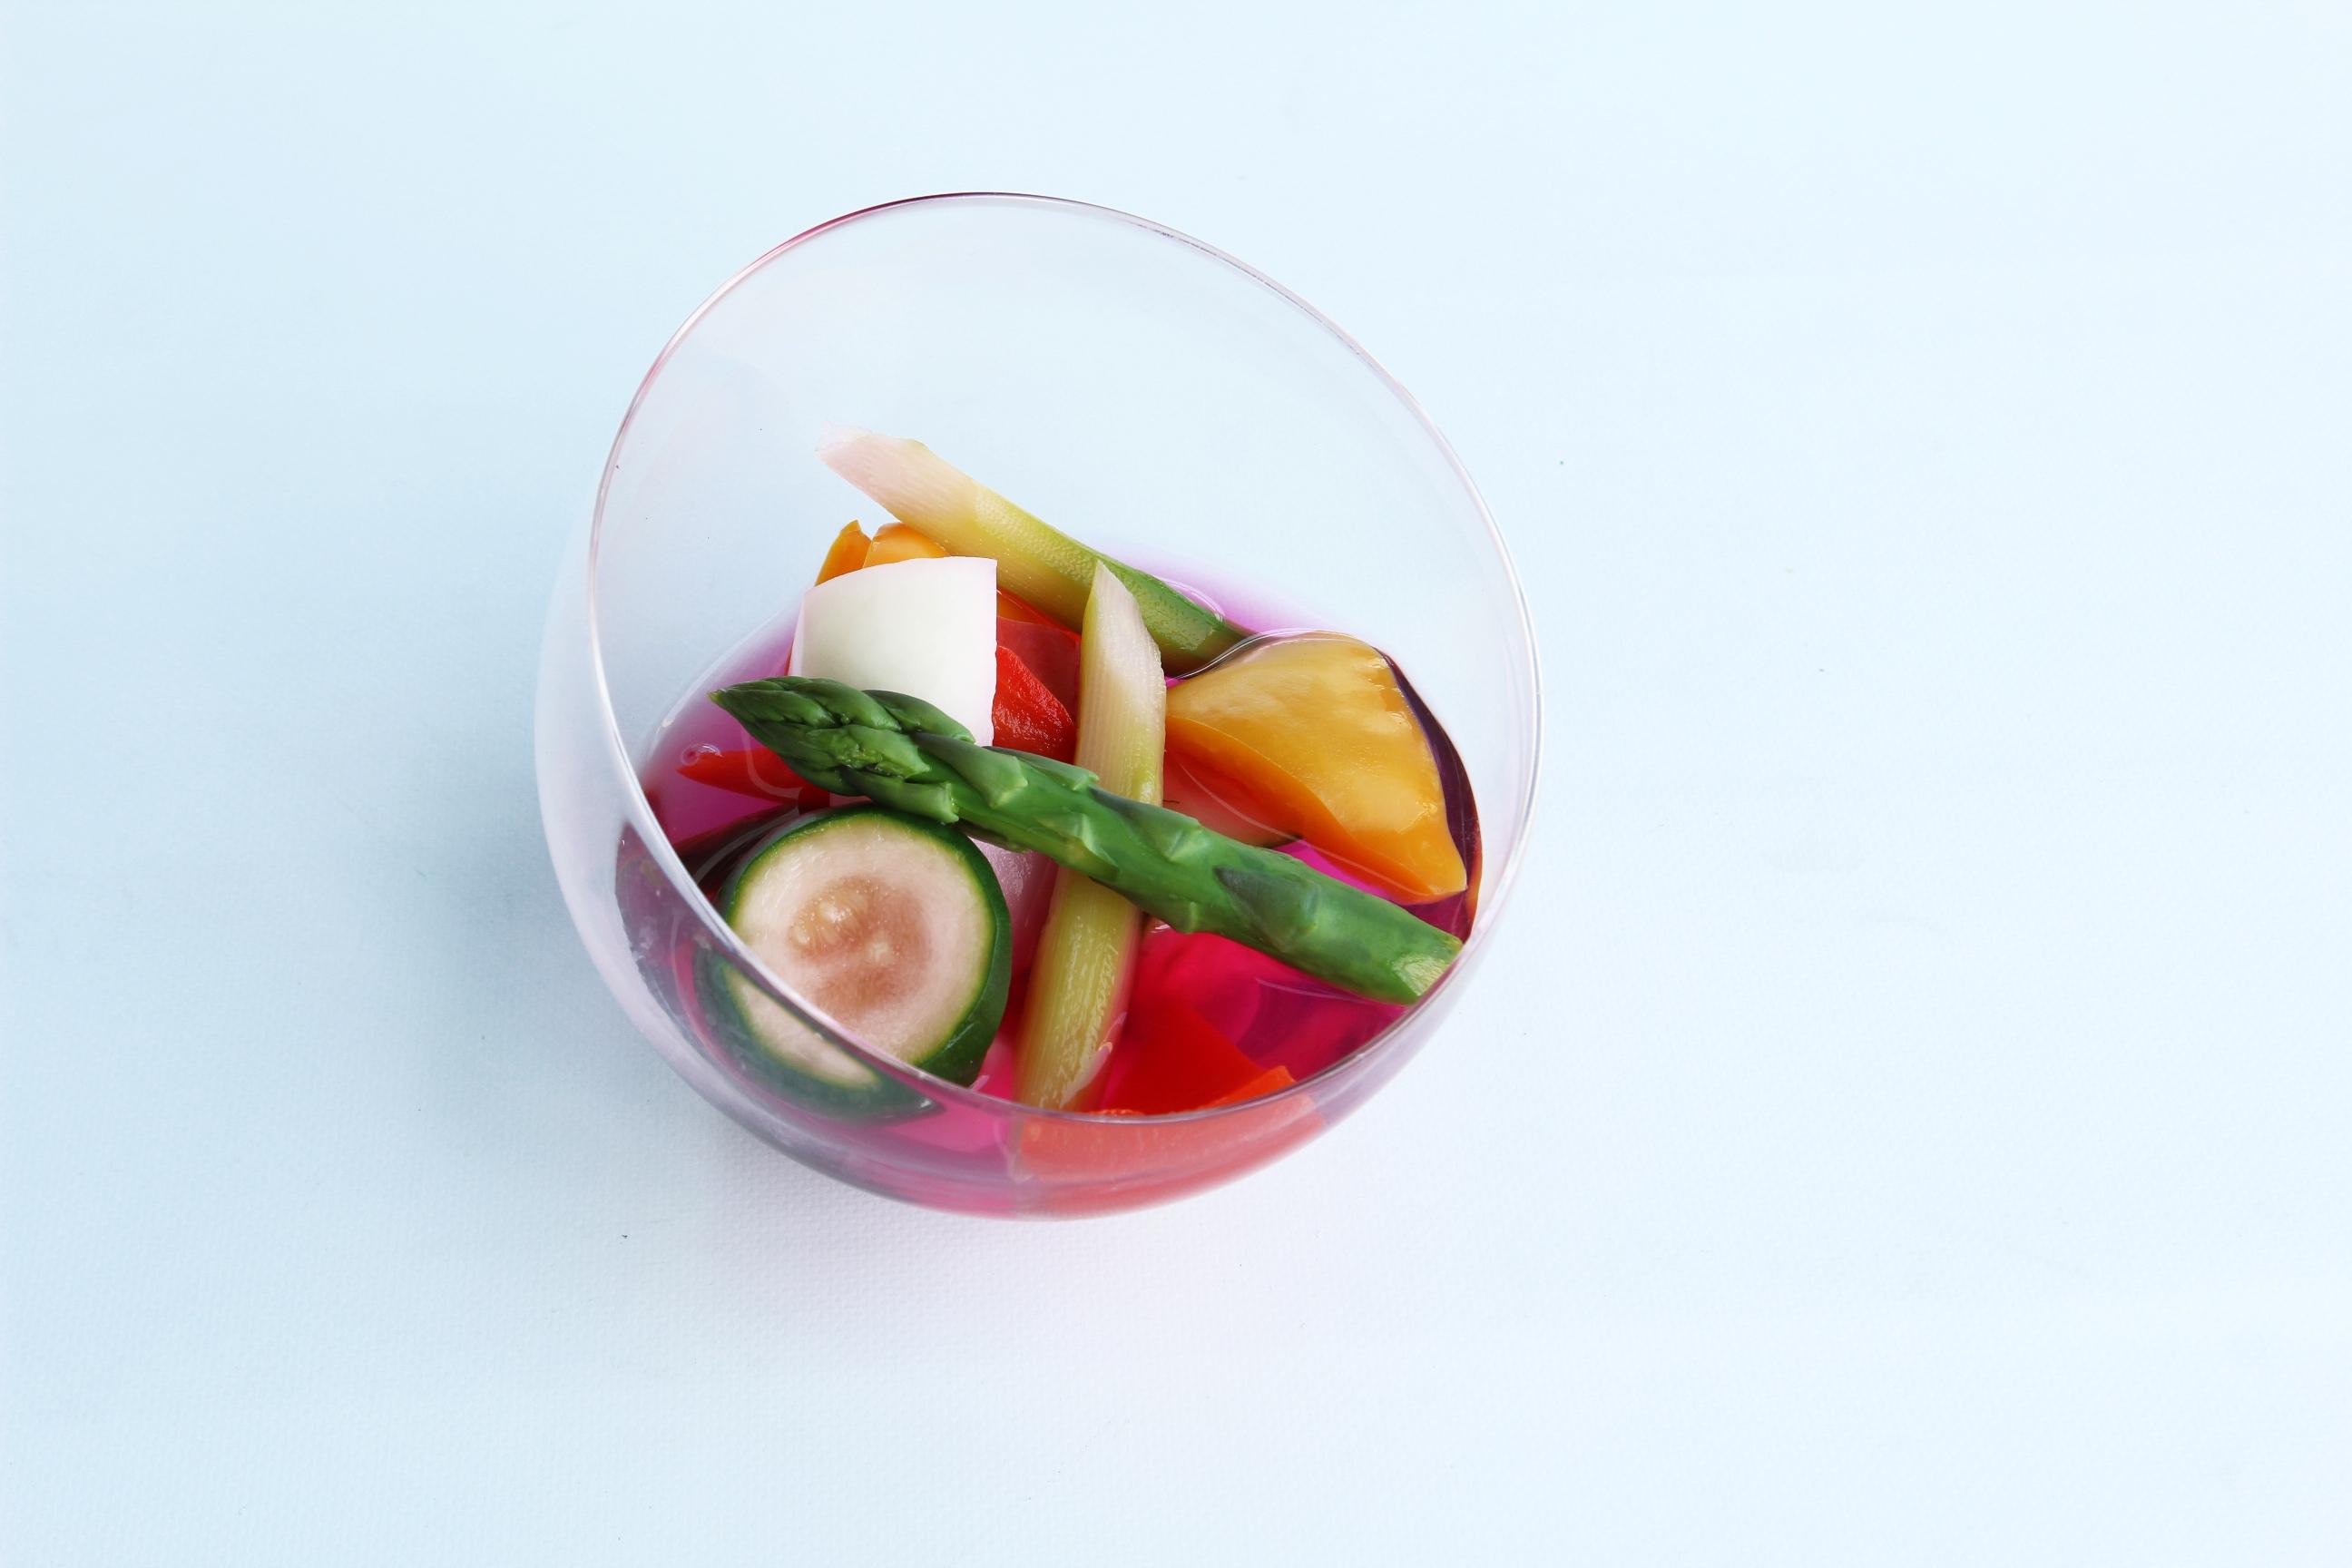 東急百貨店屋上「プレミアムビアガーデン」は自然農園の野菜がウリ!